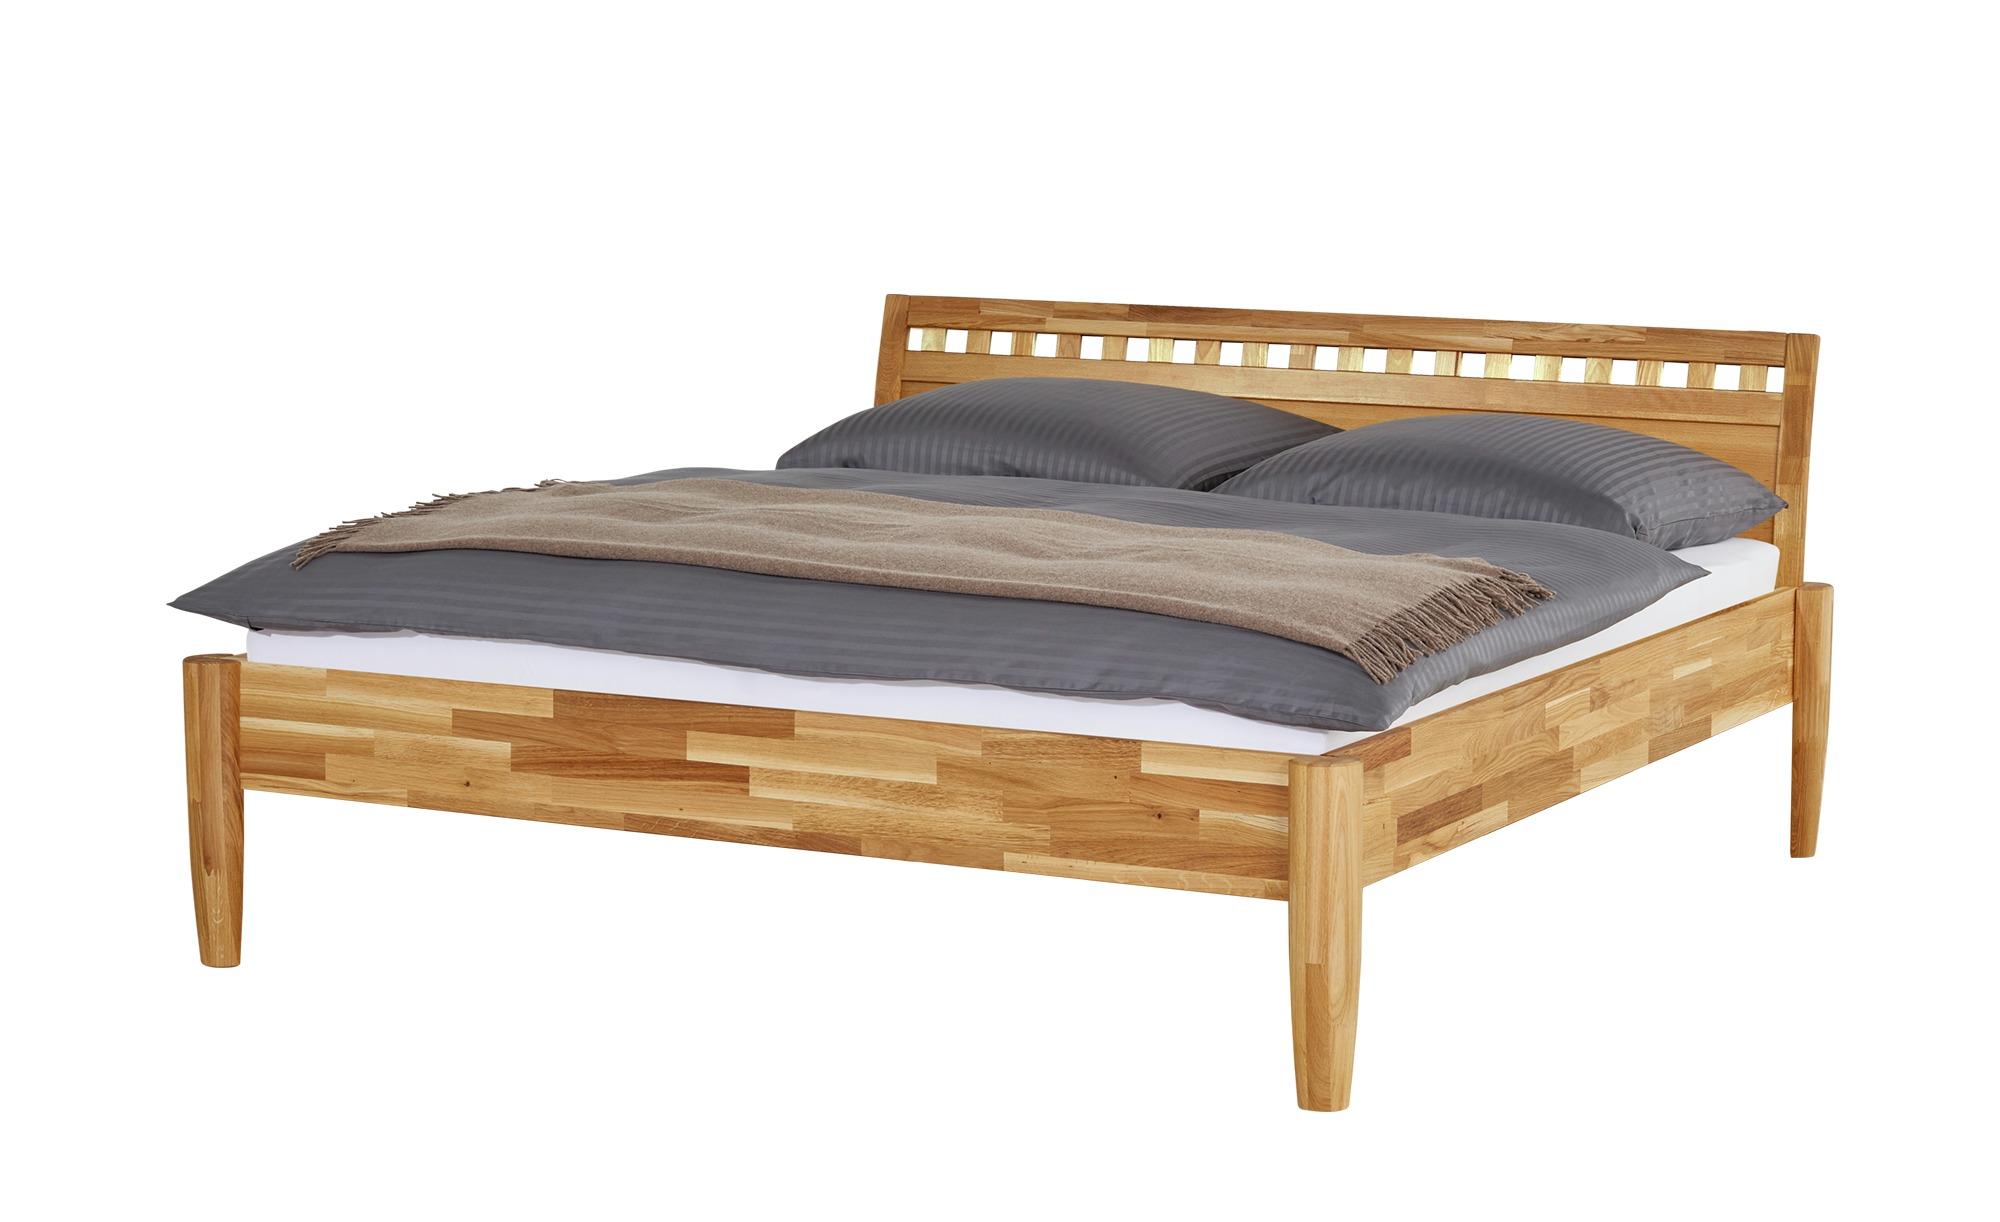 Massivholz-Bettgestell Timber Jetzt bestellen unter: https://moebel.ladendirekt.de/kueche-und-esszimmer/stuehle-und-hocker/armlehnstuehle/?uid=fb01d18b-7f71-5fbe-b431-22592160935d&utm_source=pinterest&utm_medium=pin&utm_campaign=boards #kueche #timber>massivholzbettgestell>holzfarben #esszimmer #massivholzbettgestell #armlehnstuehle #hocker #stuehle